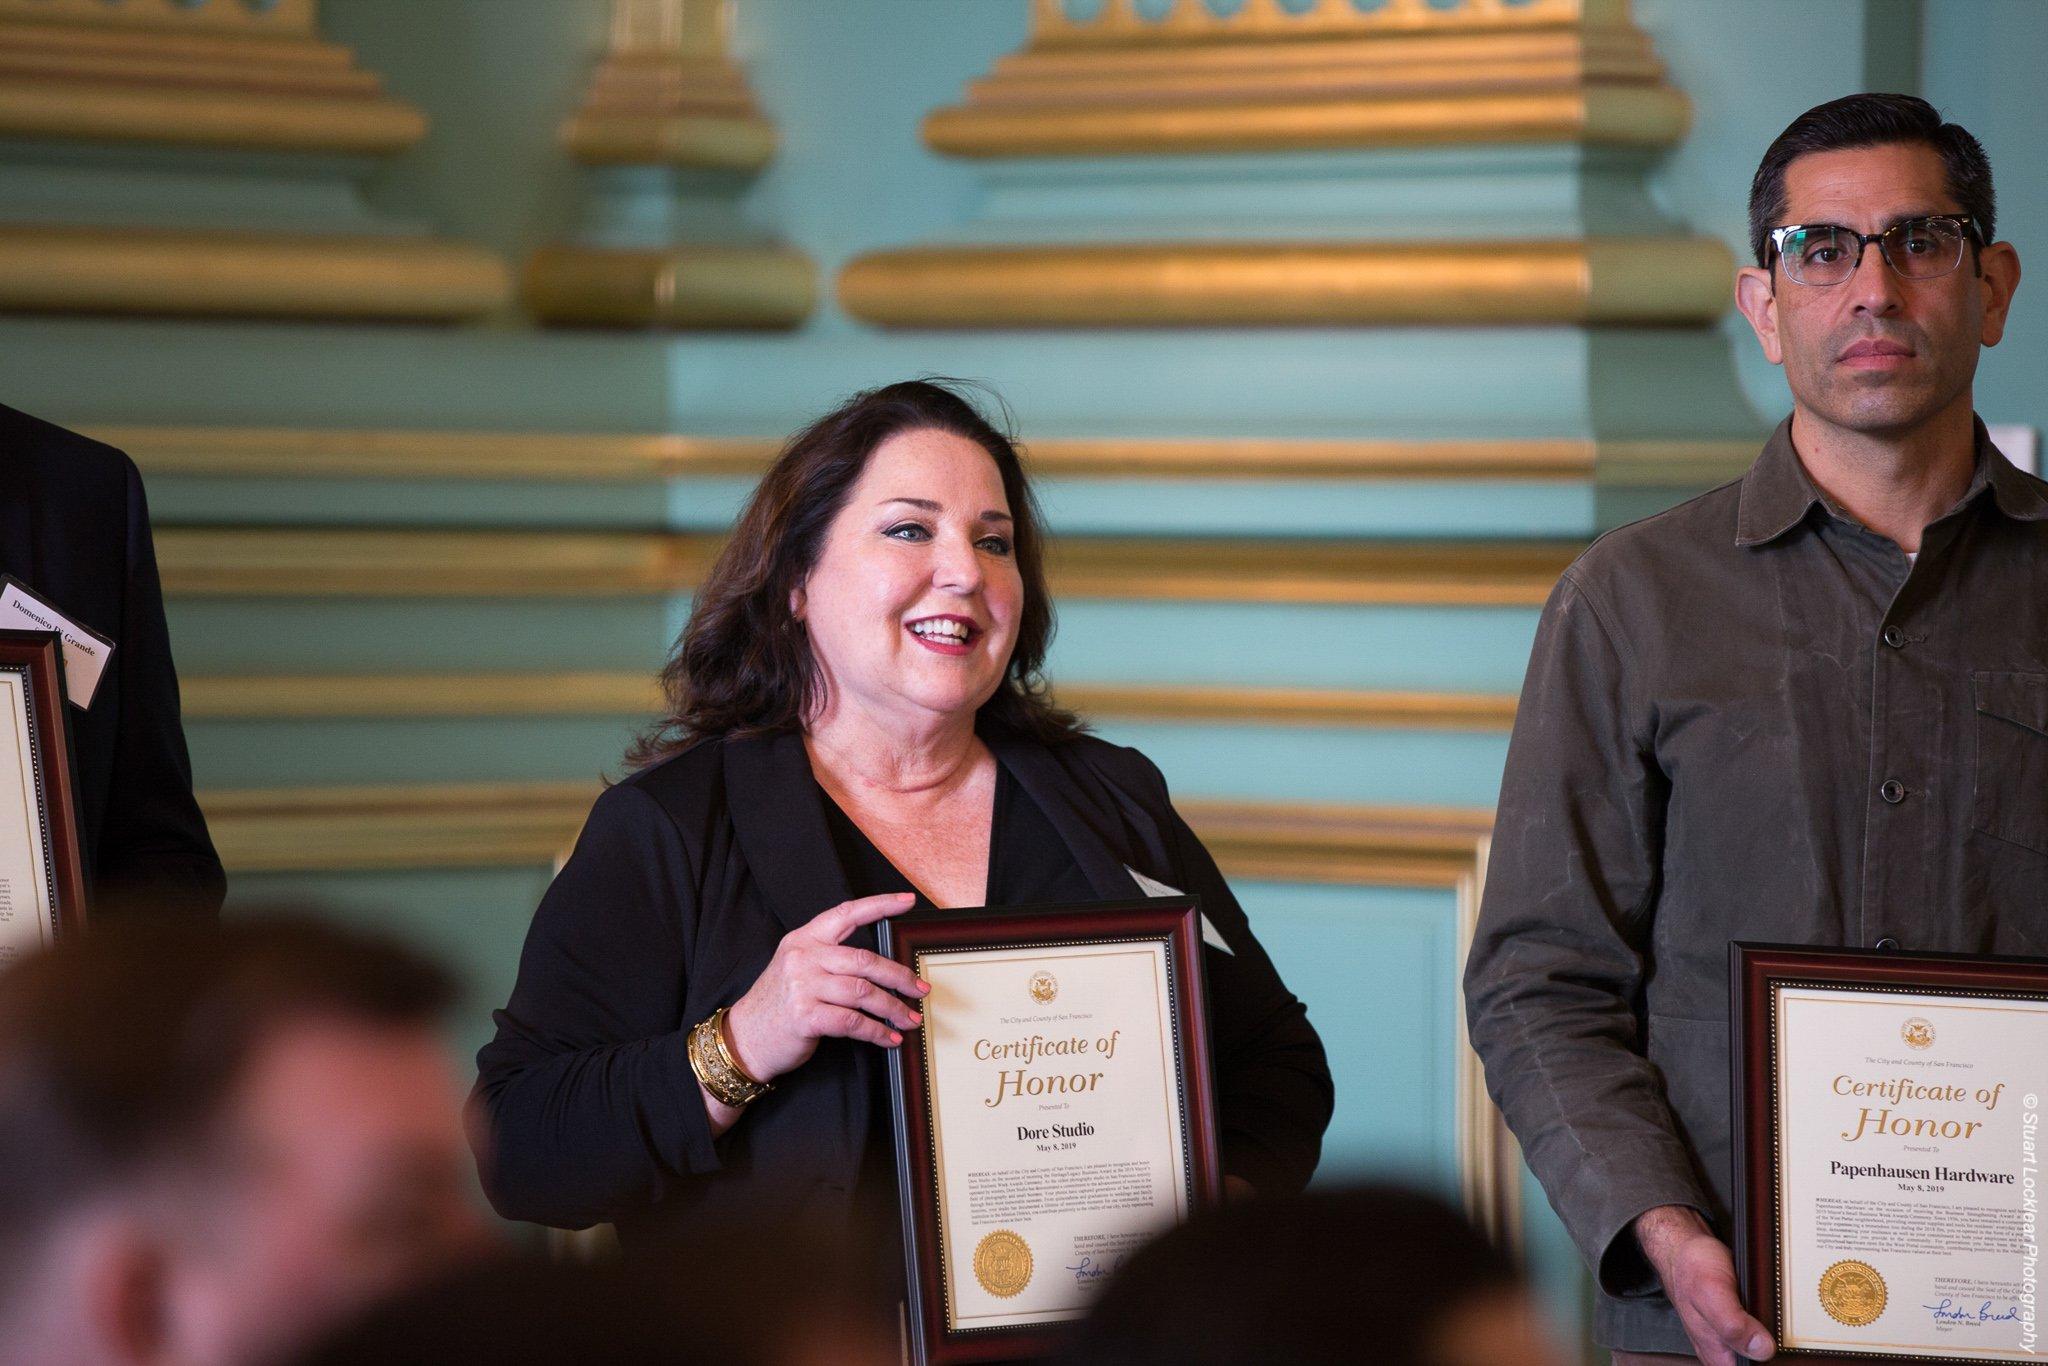 Award winner at San Francisco Small Business Week